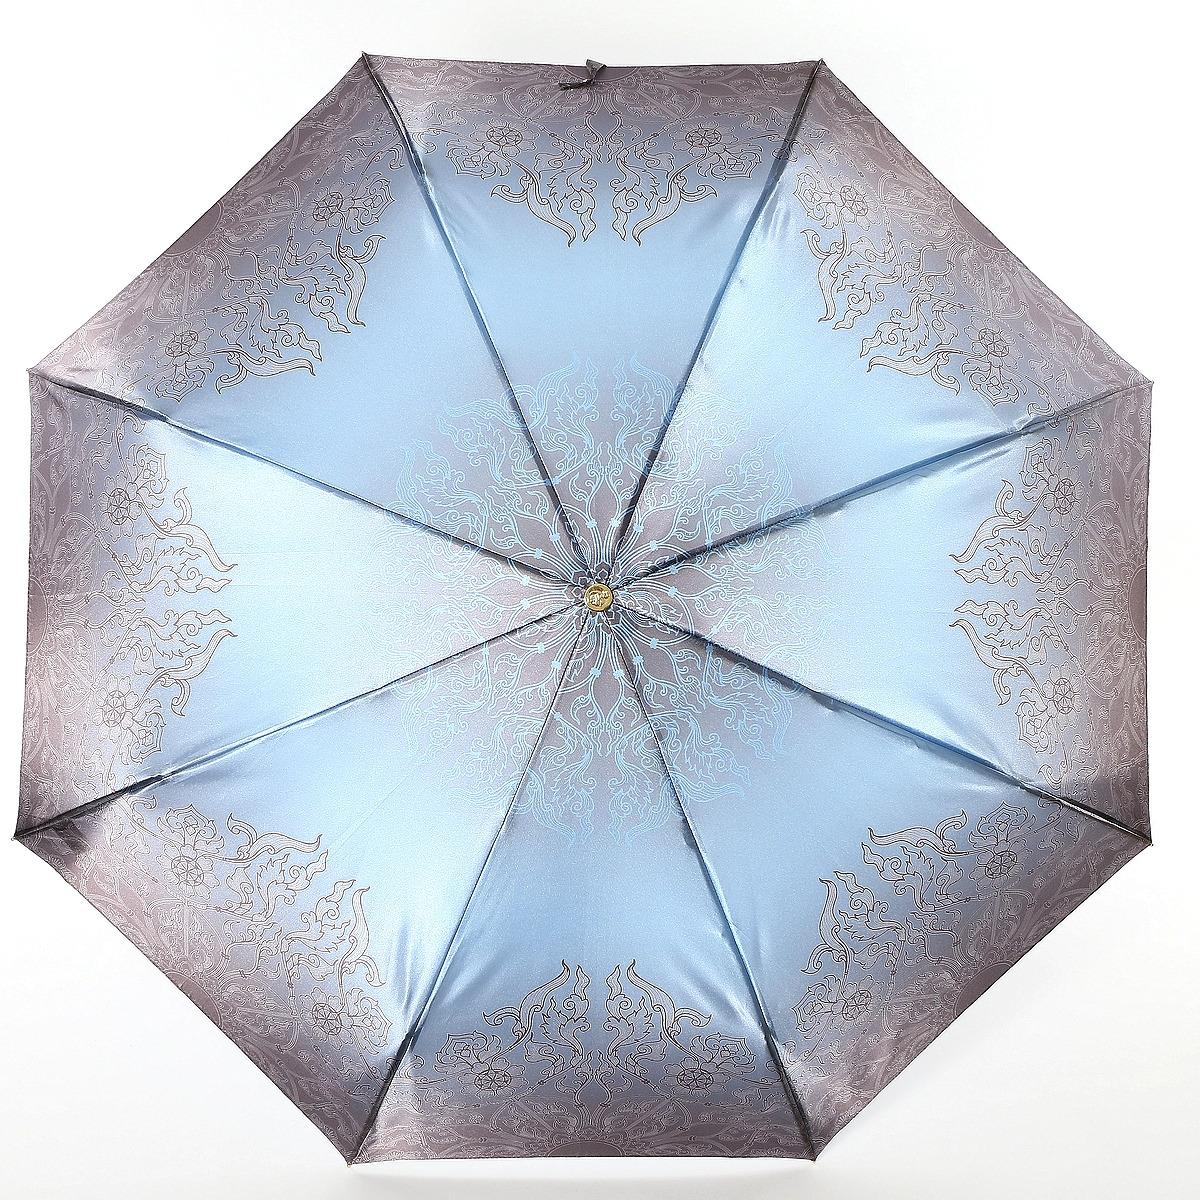 Зонт Trust 32473-1601, голубой, светло-серый зонт trust 32473 1603 женский полный автомат